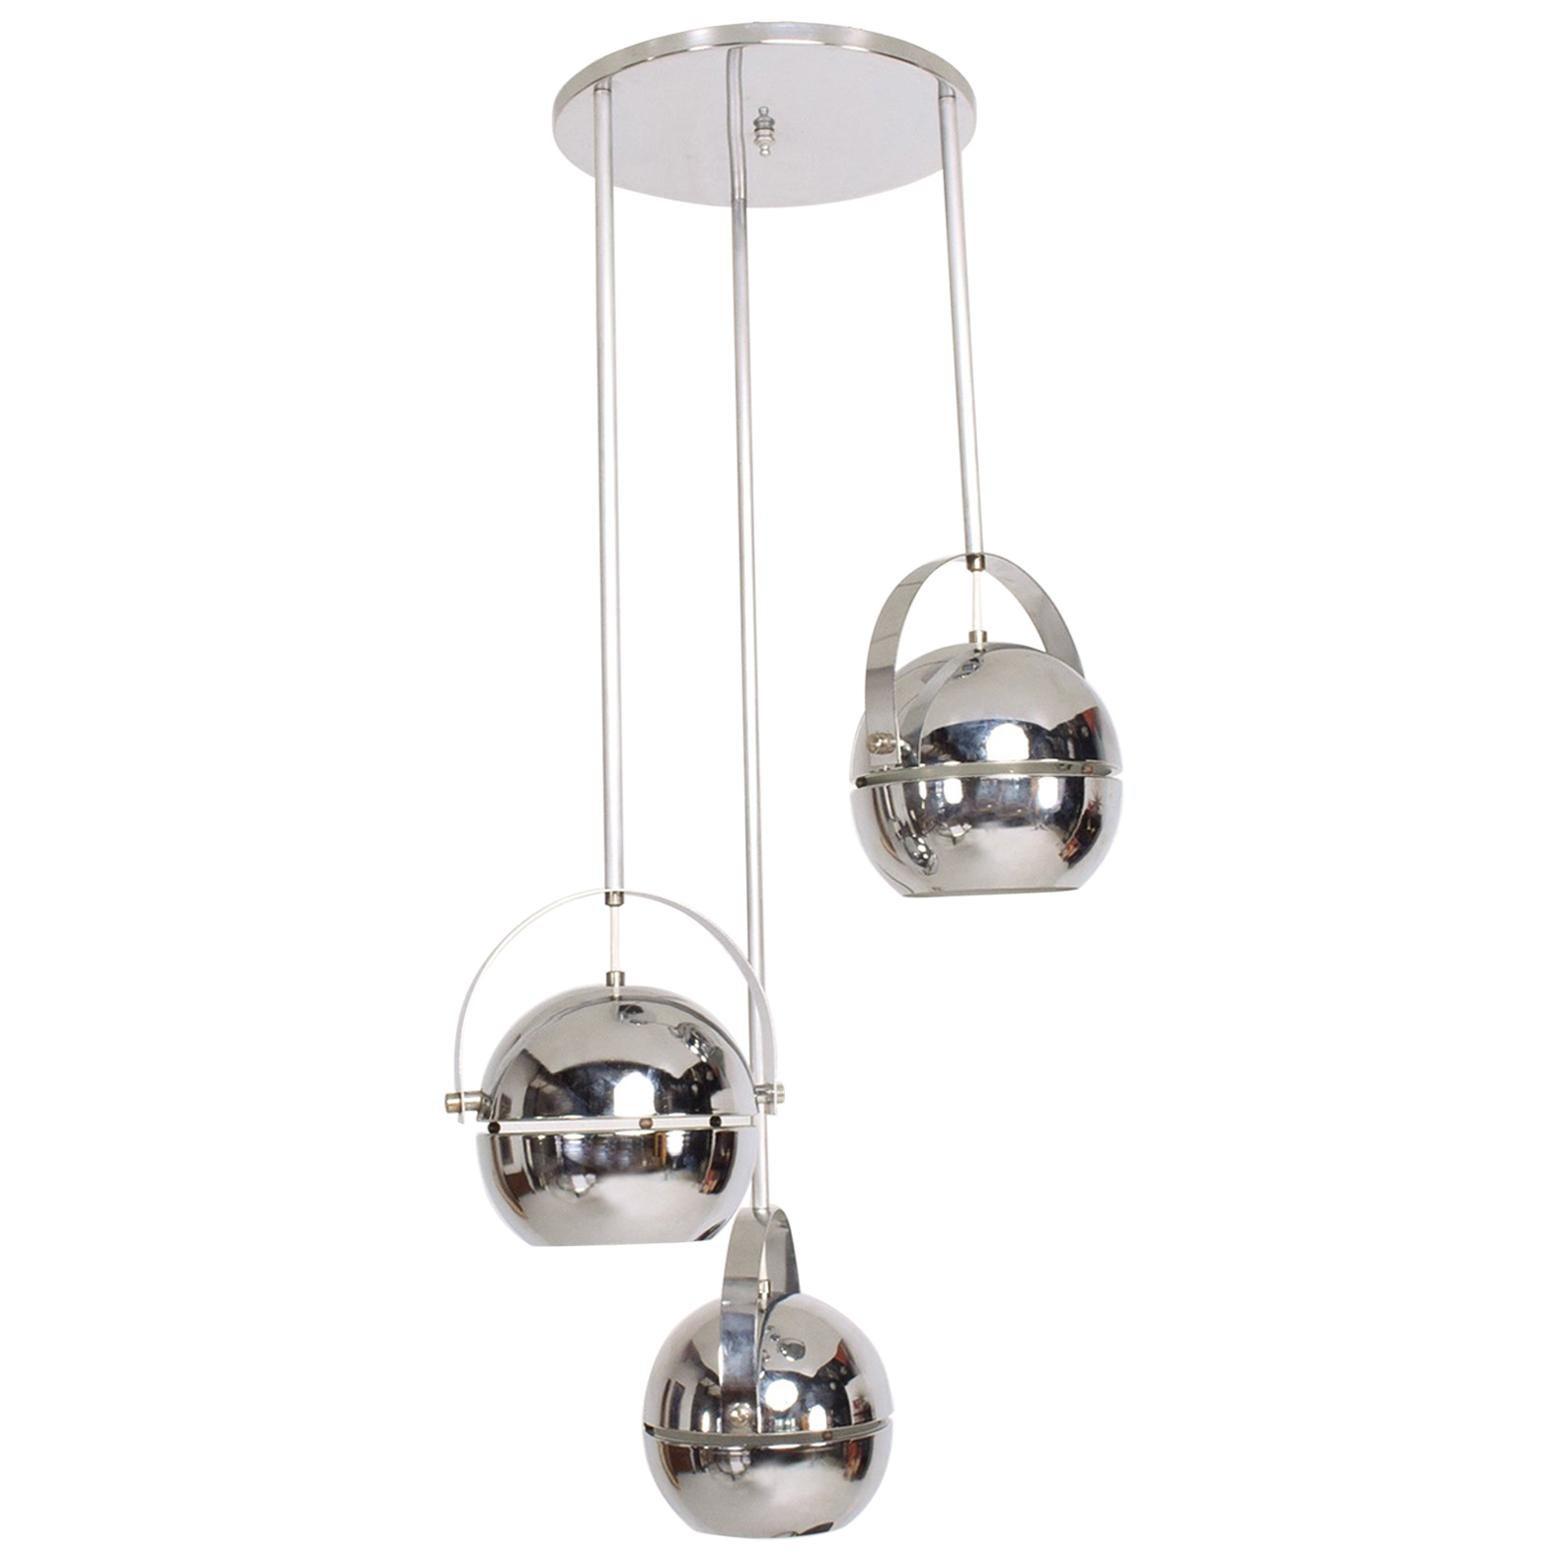 Midcentury Modern 1960s Torino Chrome Pendant by Lightolier Dangling Spheres